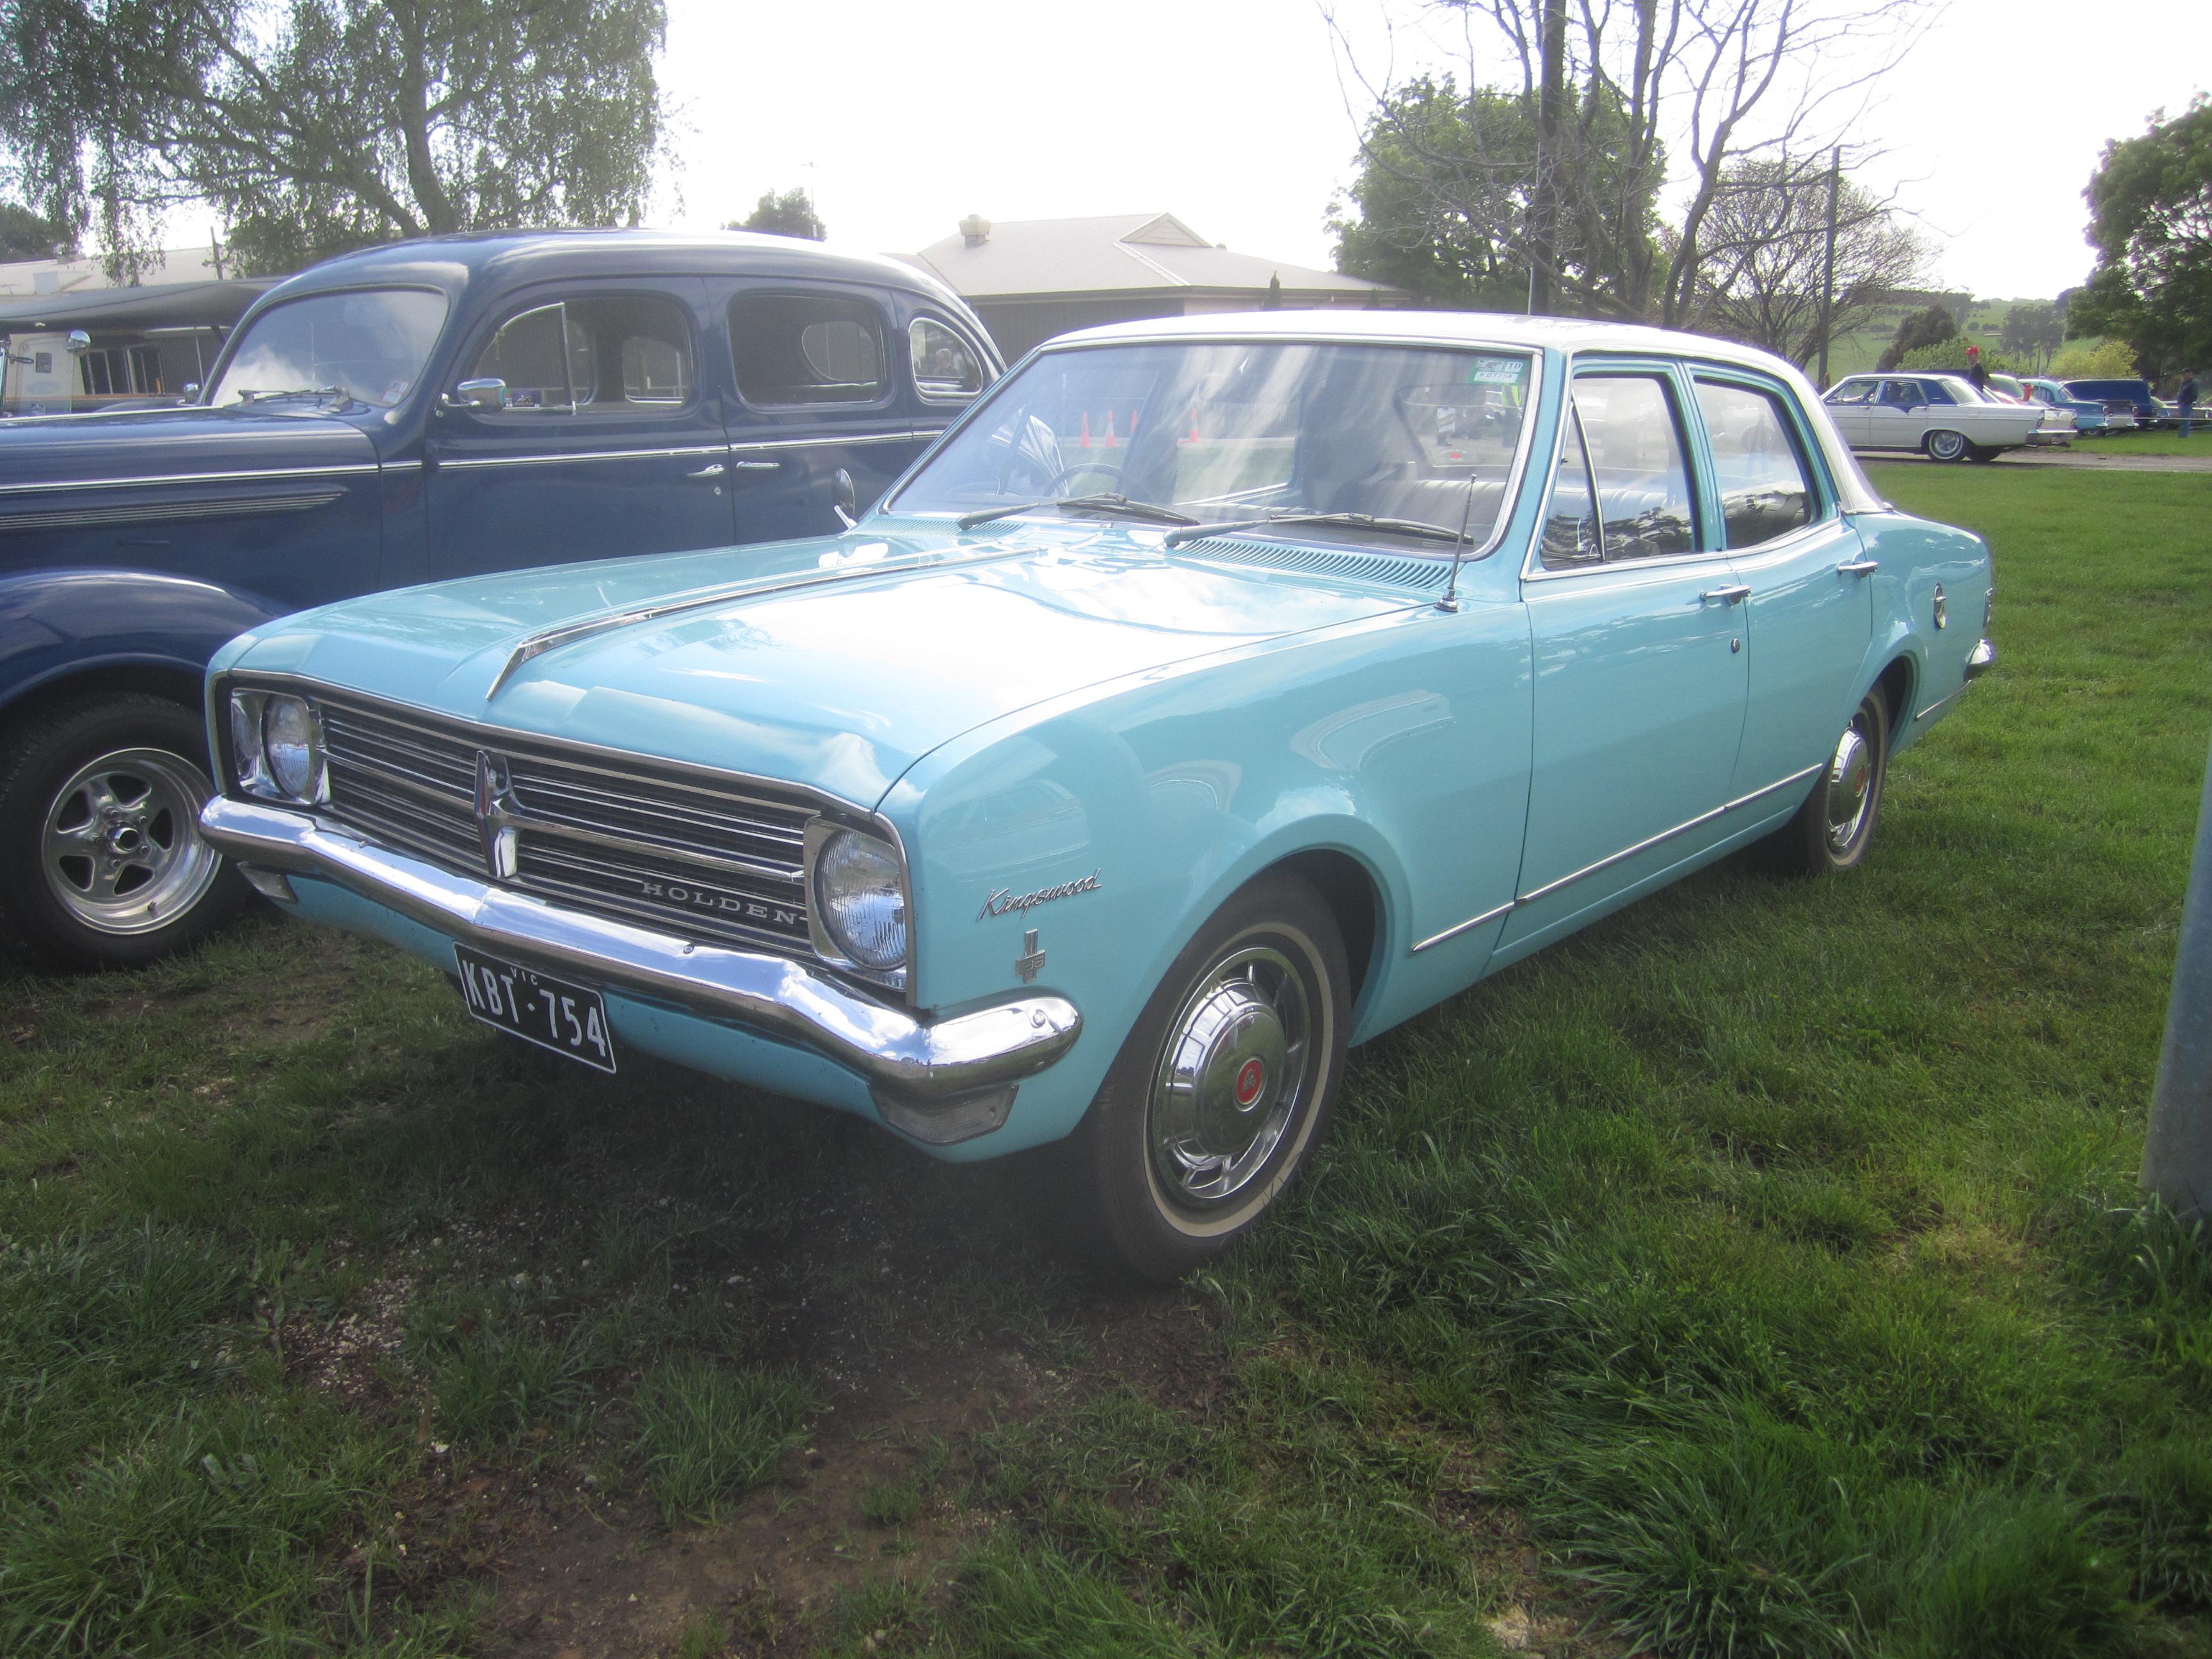 File:Holden Kingswood HK Sedan.jpg - Wikipedia